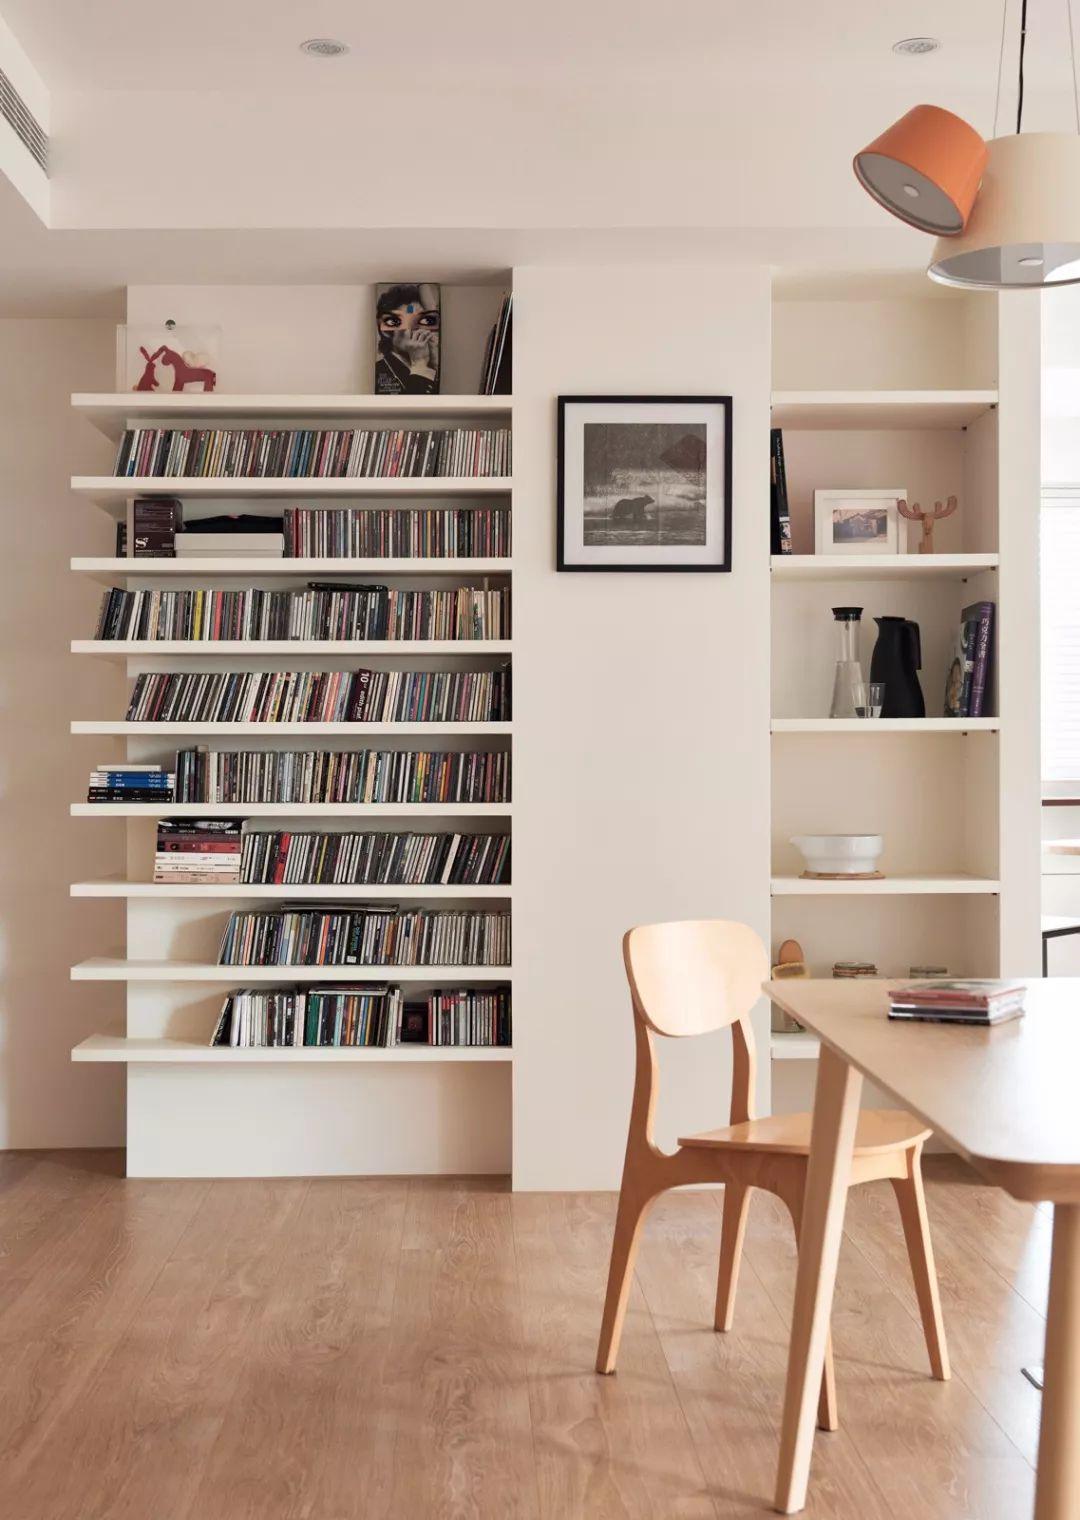 书房现在已经落伍啦,现在都流行做个书墙